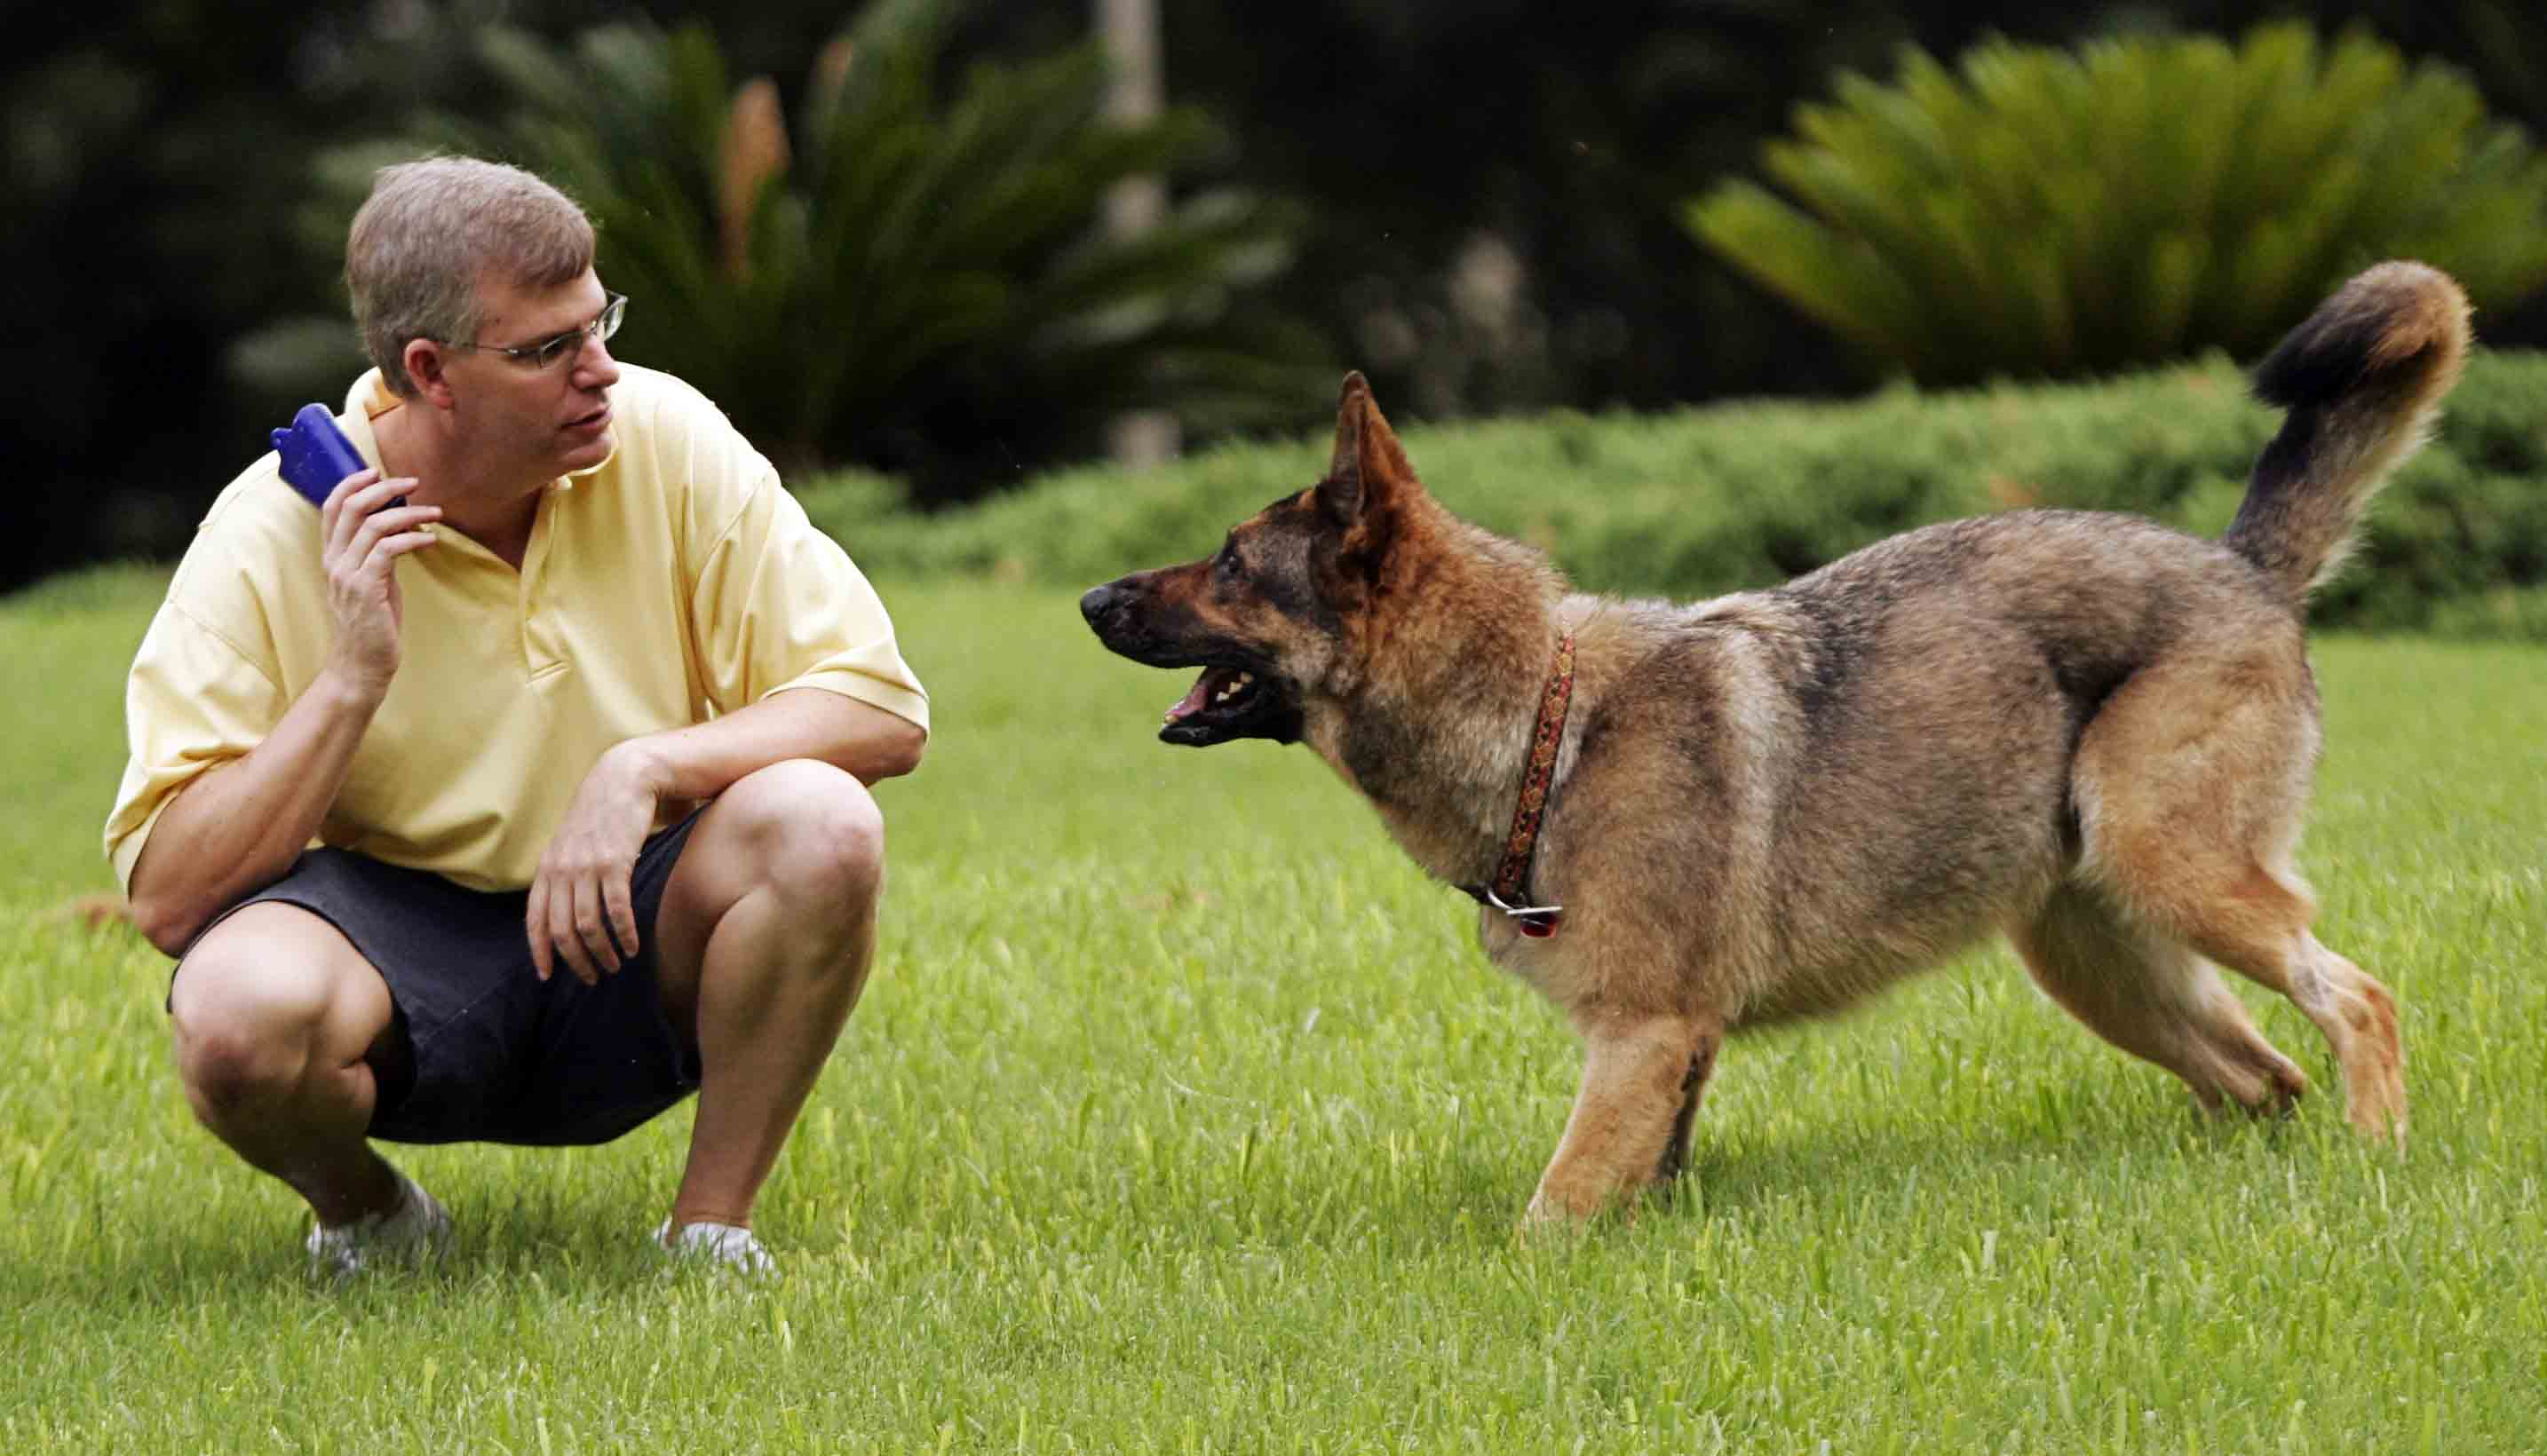 صورة كيفية تدريب الكلاب , خطوات لتدريب وترويج الكلاب